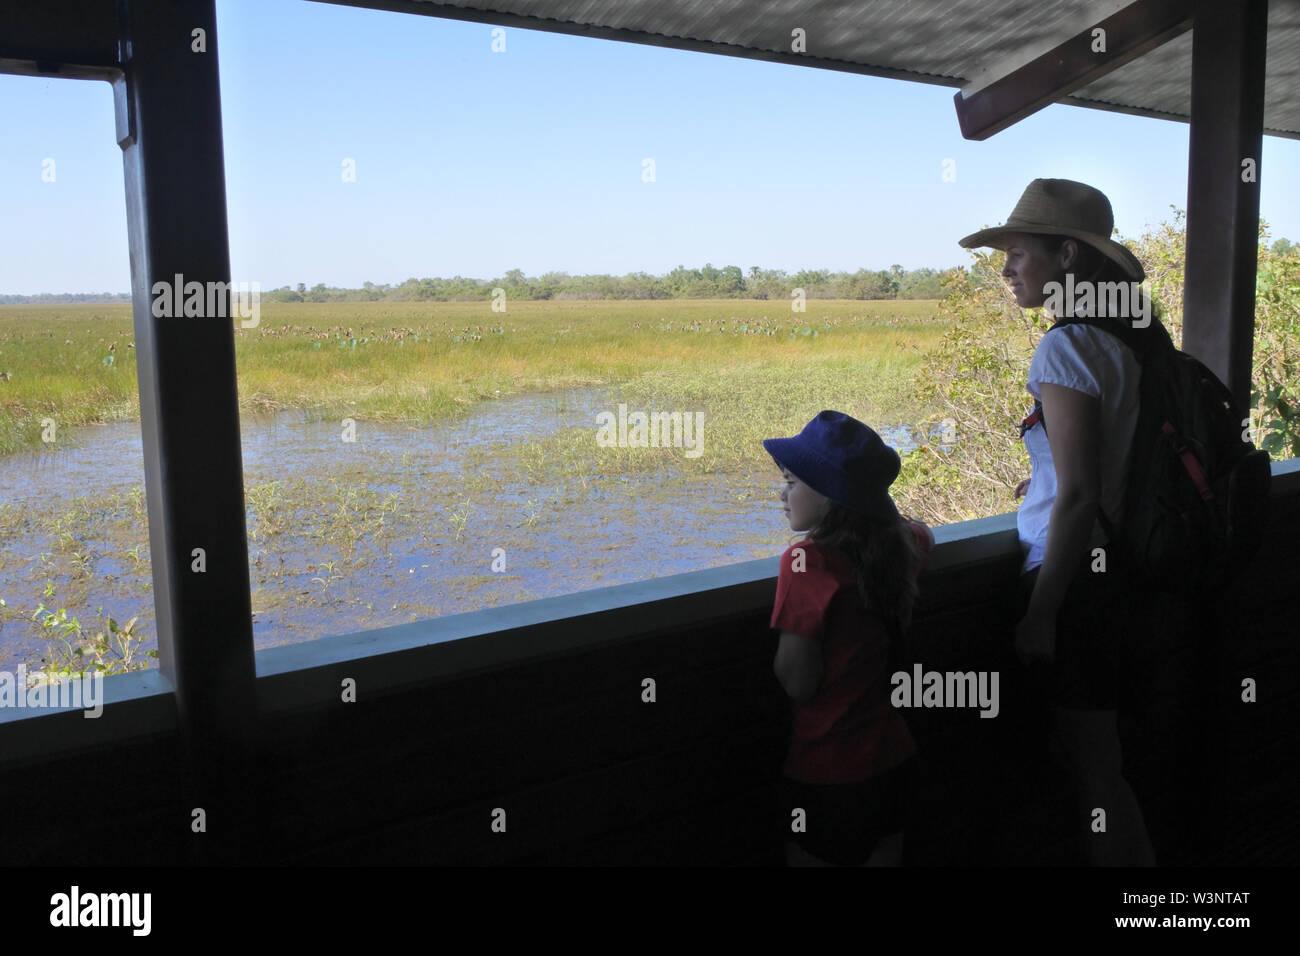 Mère et fille australienne à la une La vue du paysage de marais des zones humides du Parc National de Kakadu en Australie Territoire du Nord Photo Stock